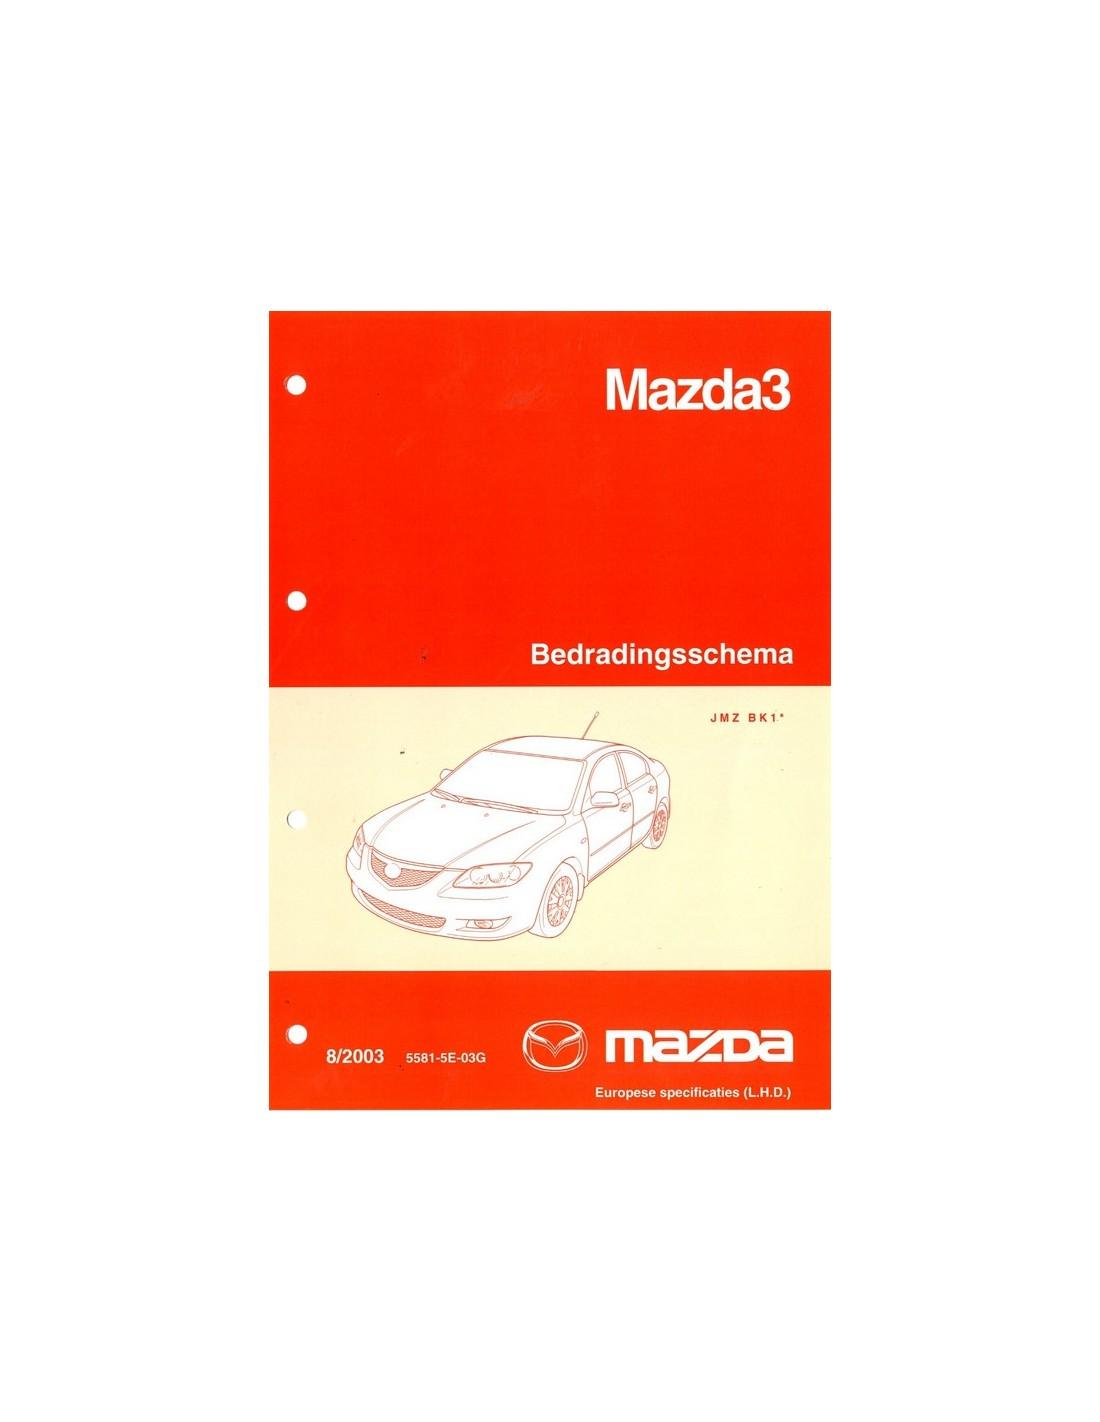 2003 MAZDA MAZDA 3 ELEKTRIKPLAN SCHALTPLAN WERKSTATTHANDBUCH NIEDER...